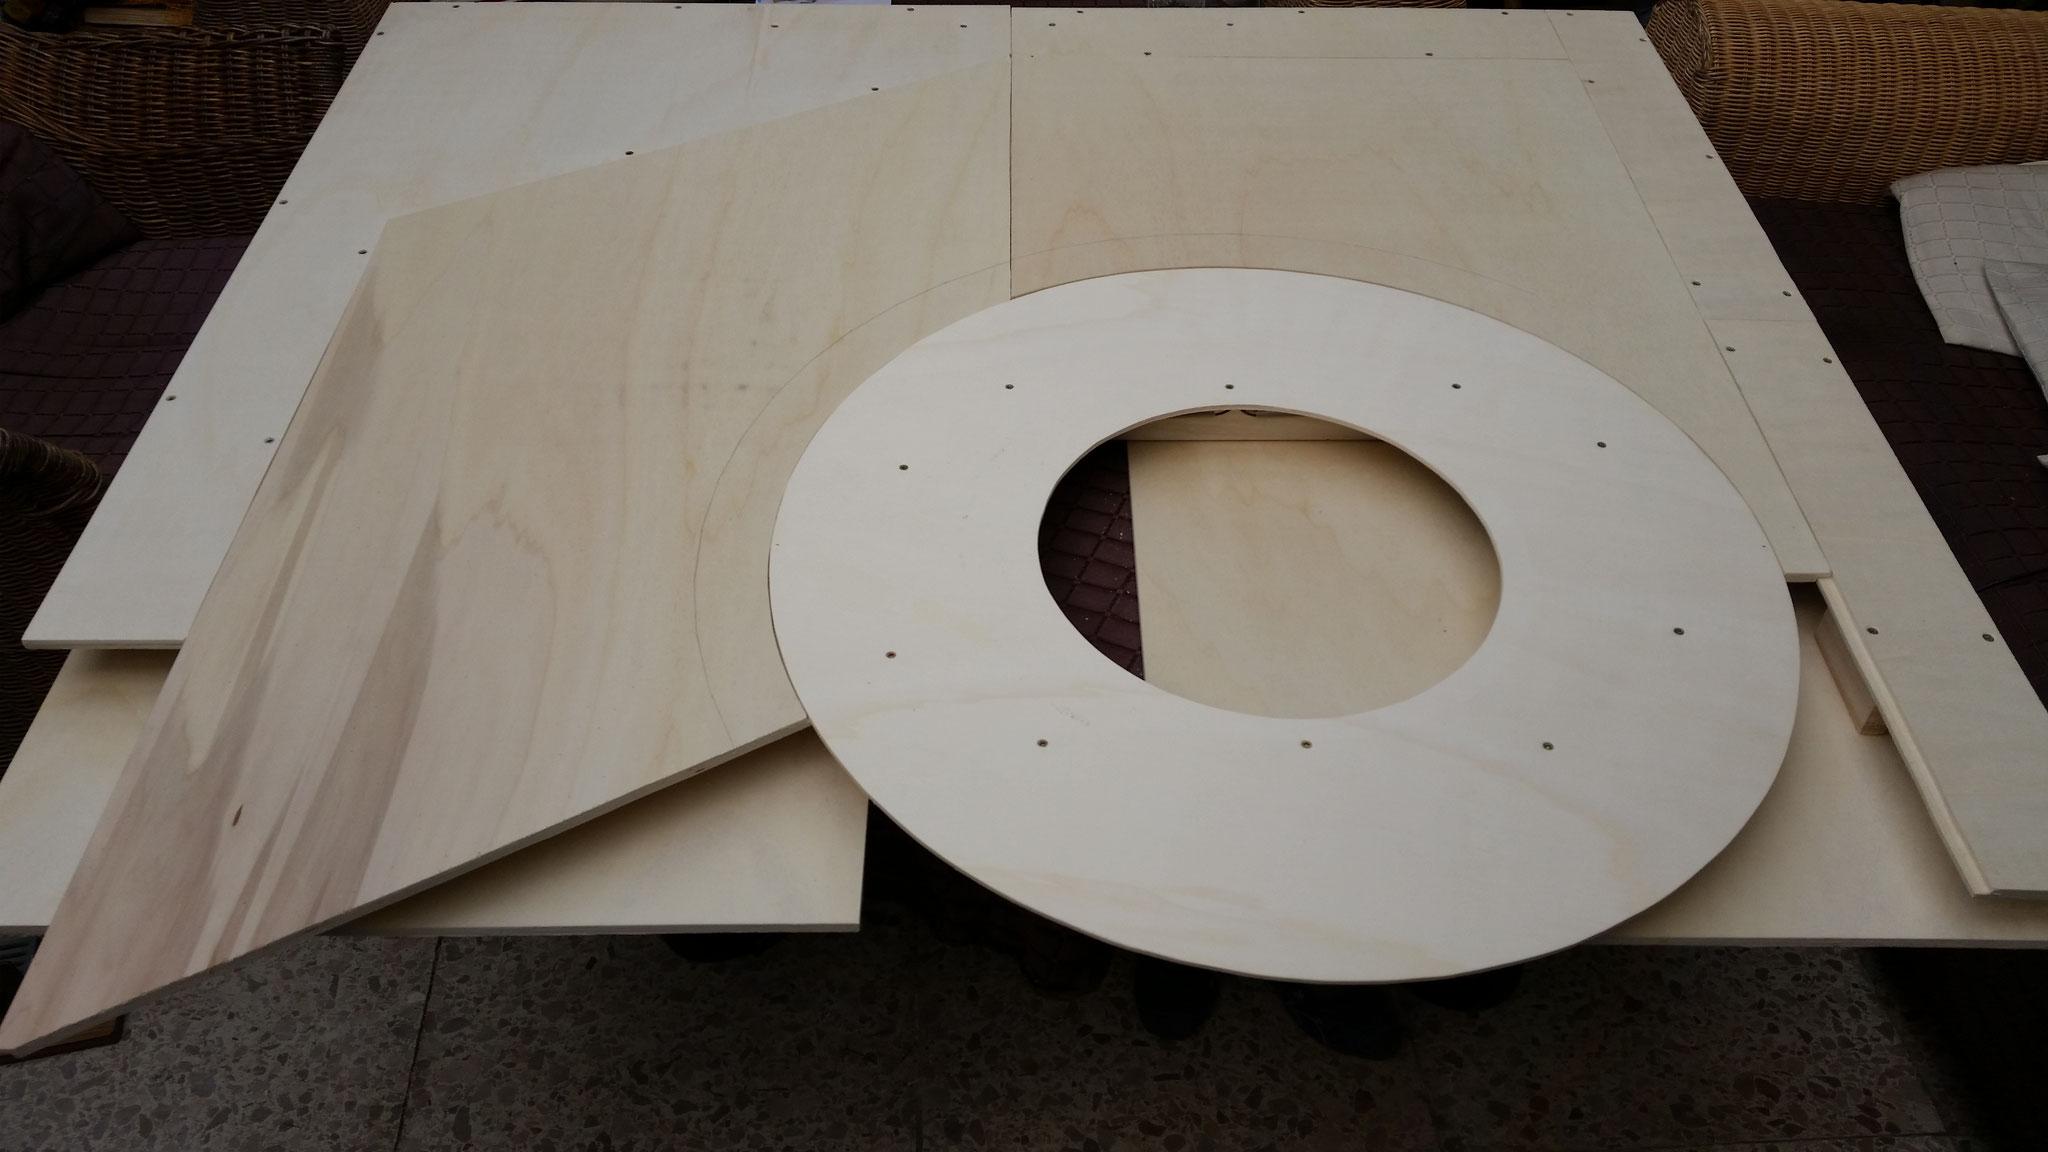 Rahmen mit eingesetzten Segmenten. Nächste Woche wird der untere Teil der Rahmen und Segmente gebaut, dann kann es mit dem Bau der Gleise losgehen